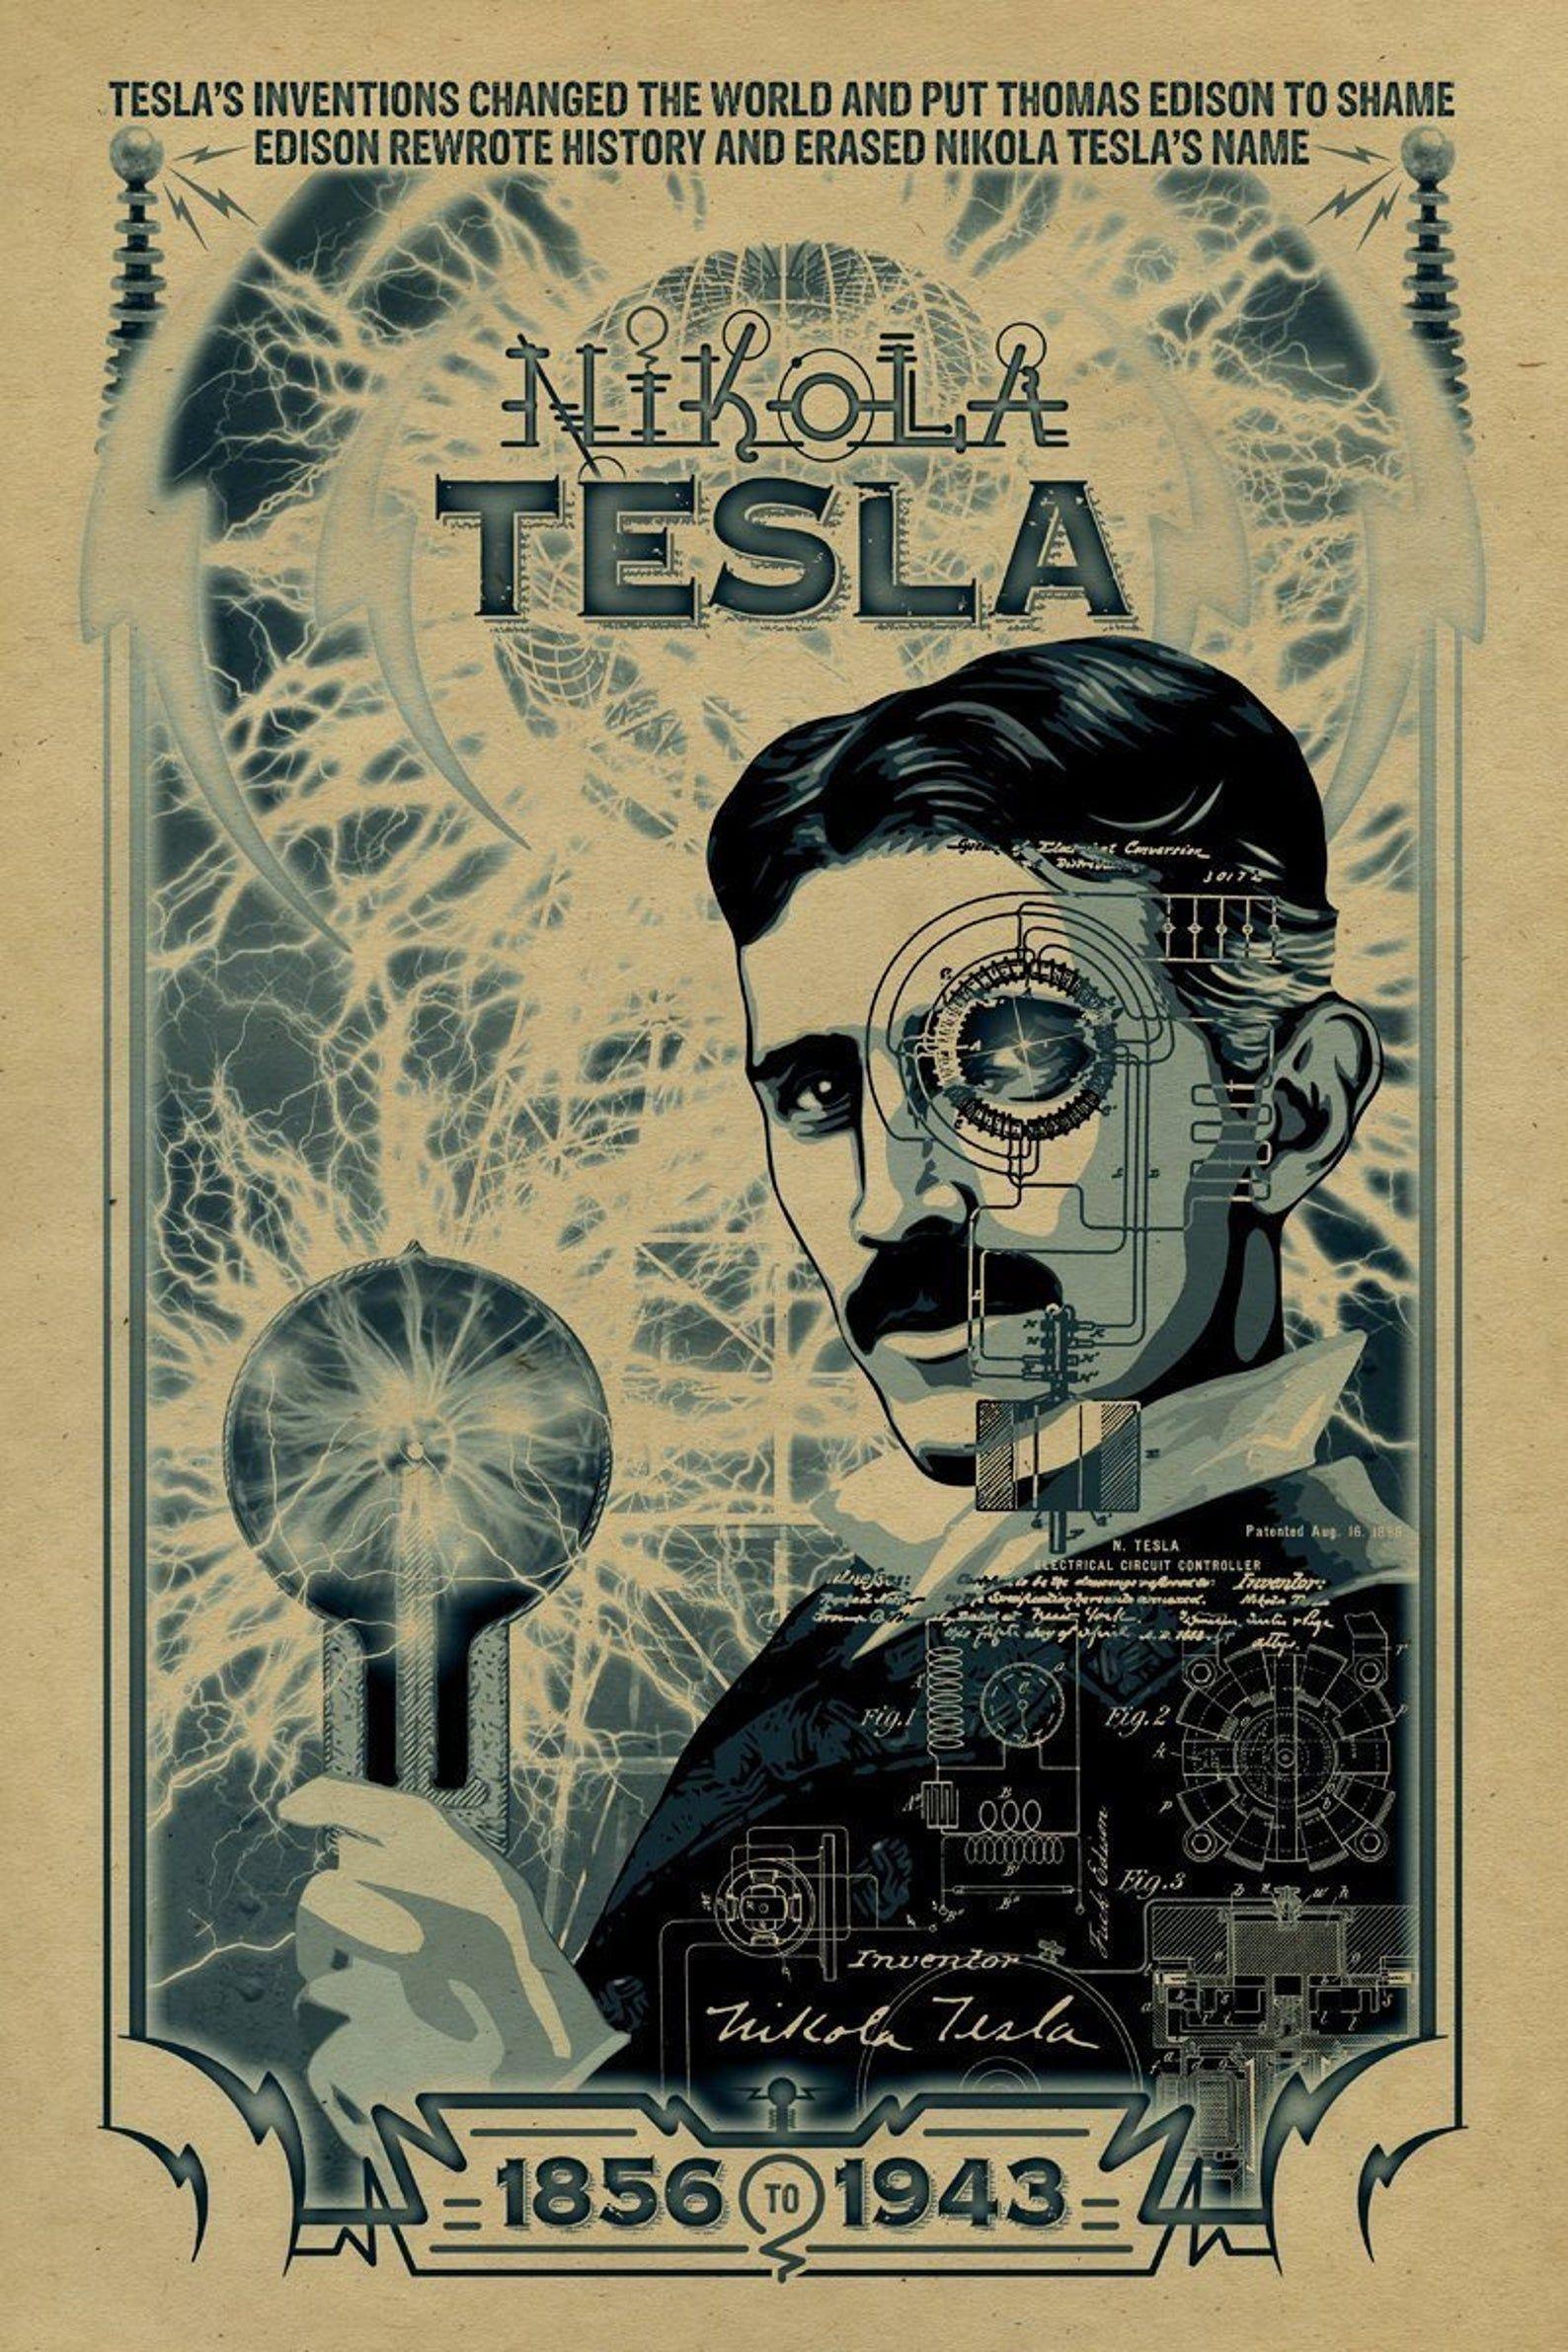 Nikola Tesla Poster 12x18 Inventor Thomas Edison Etsy Nikola Tesla Tesla Historical Art